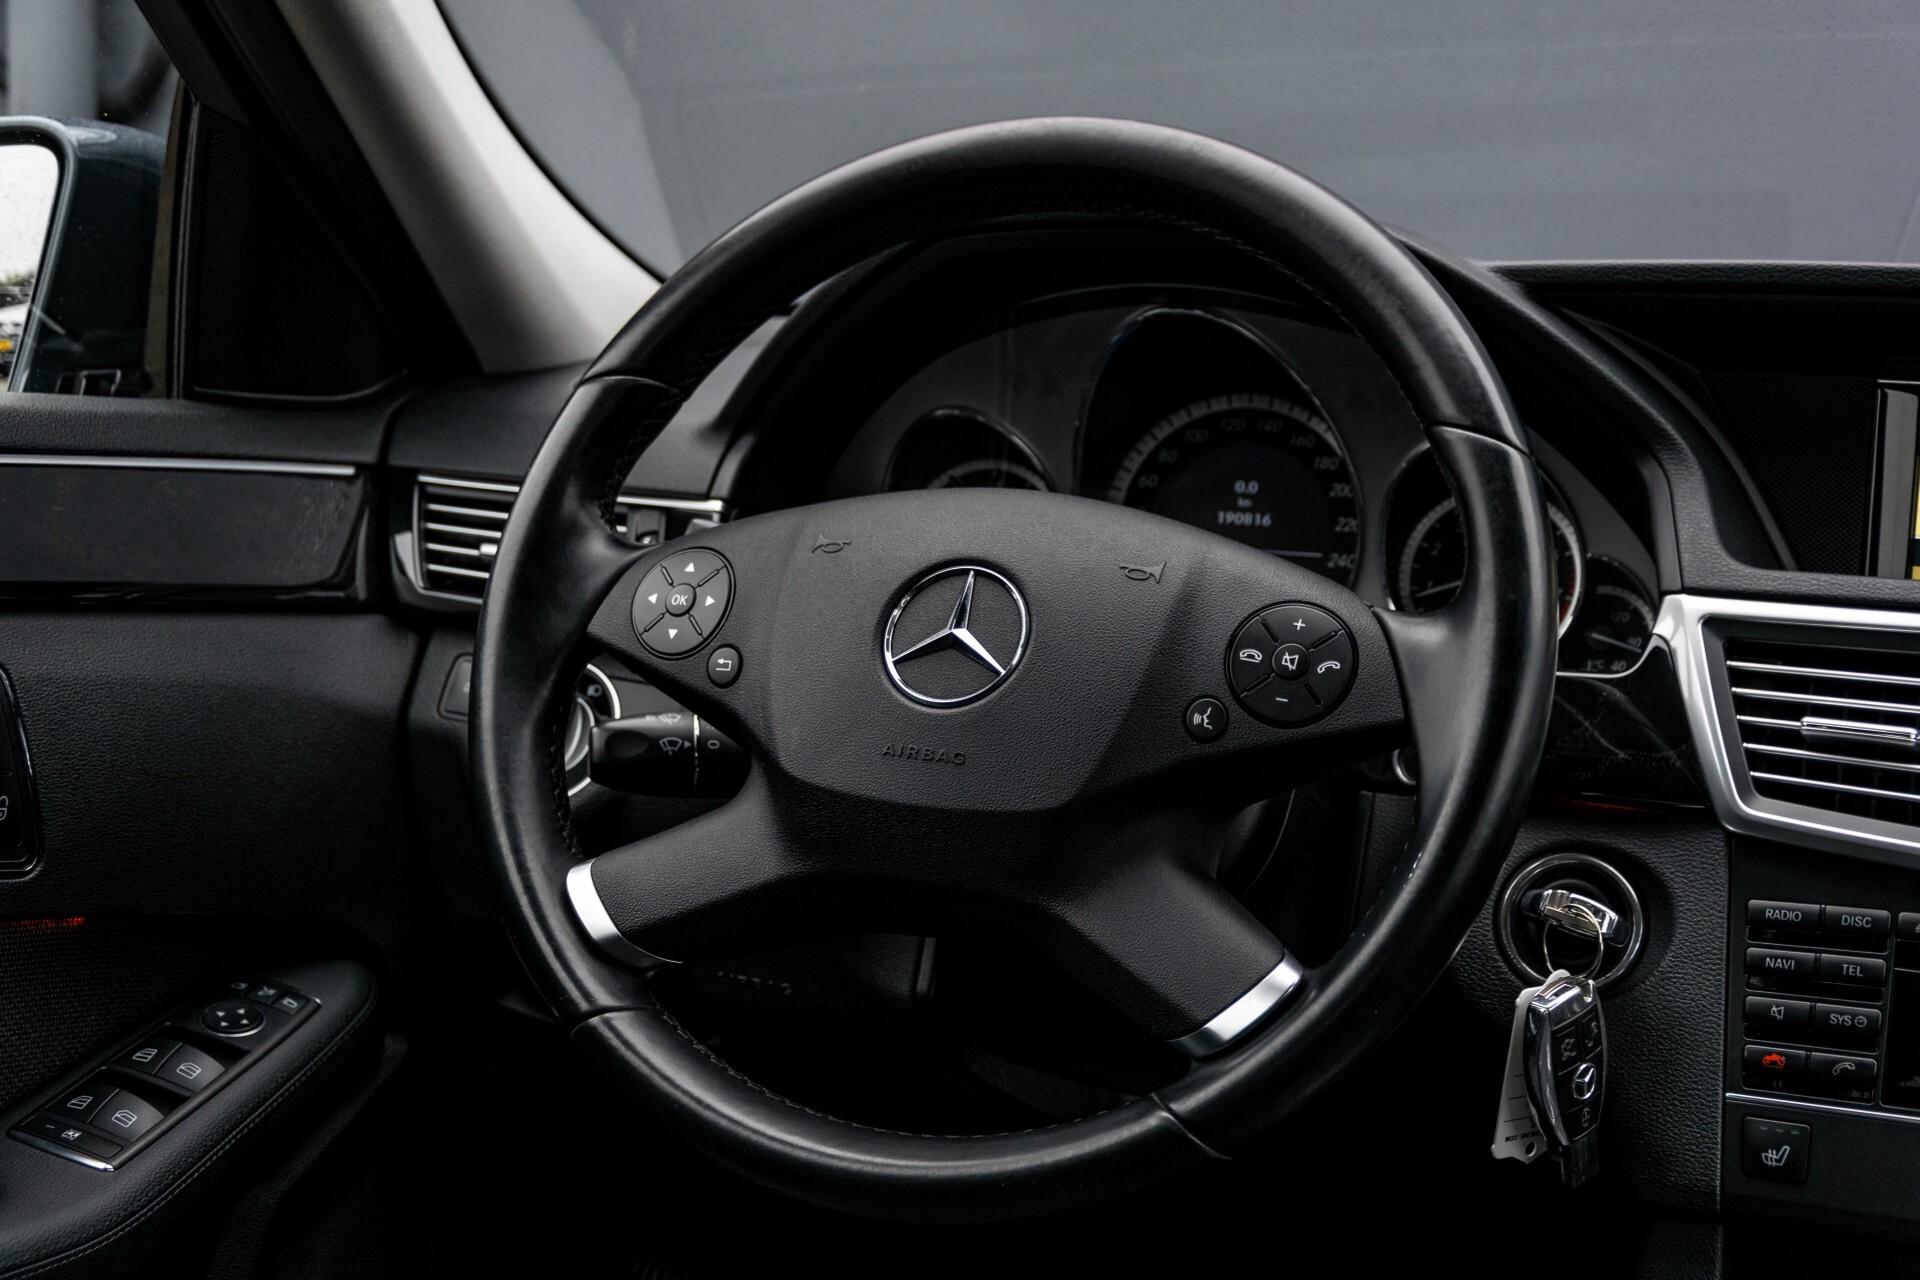 Mercedes-Benz E-Klasse 200 CGI Avantgarde Busines Class Aut5 Foto 7